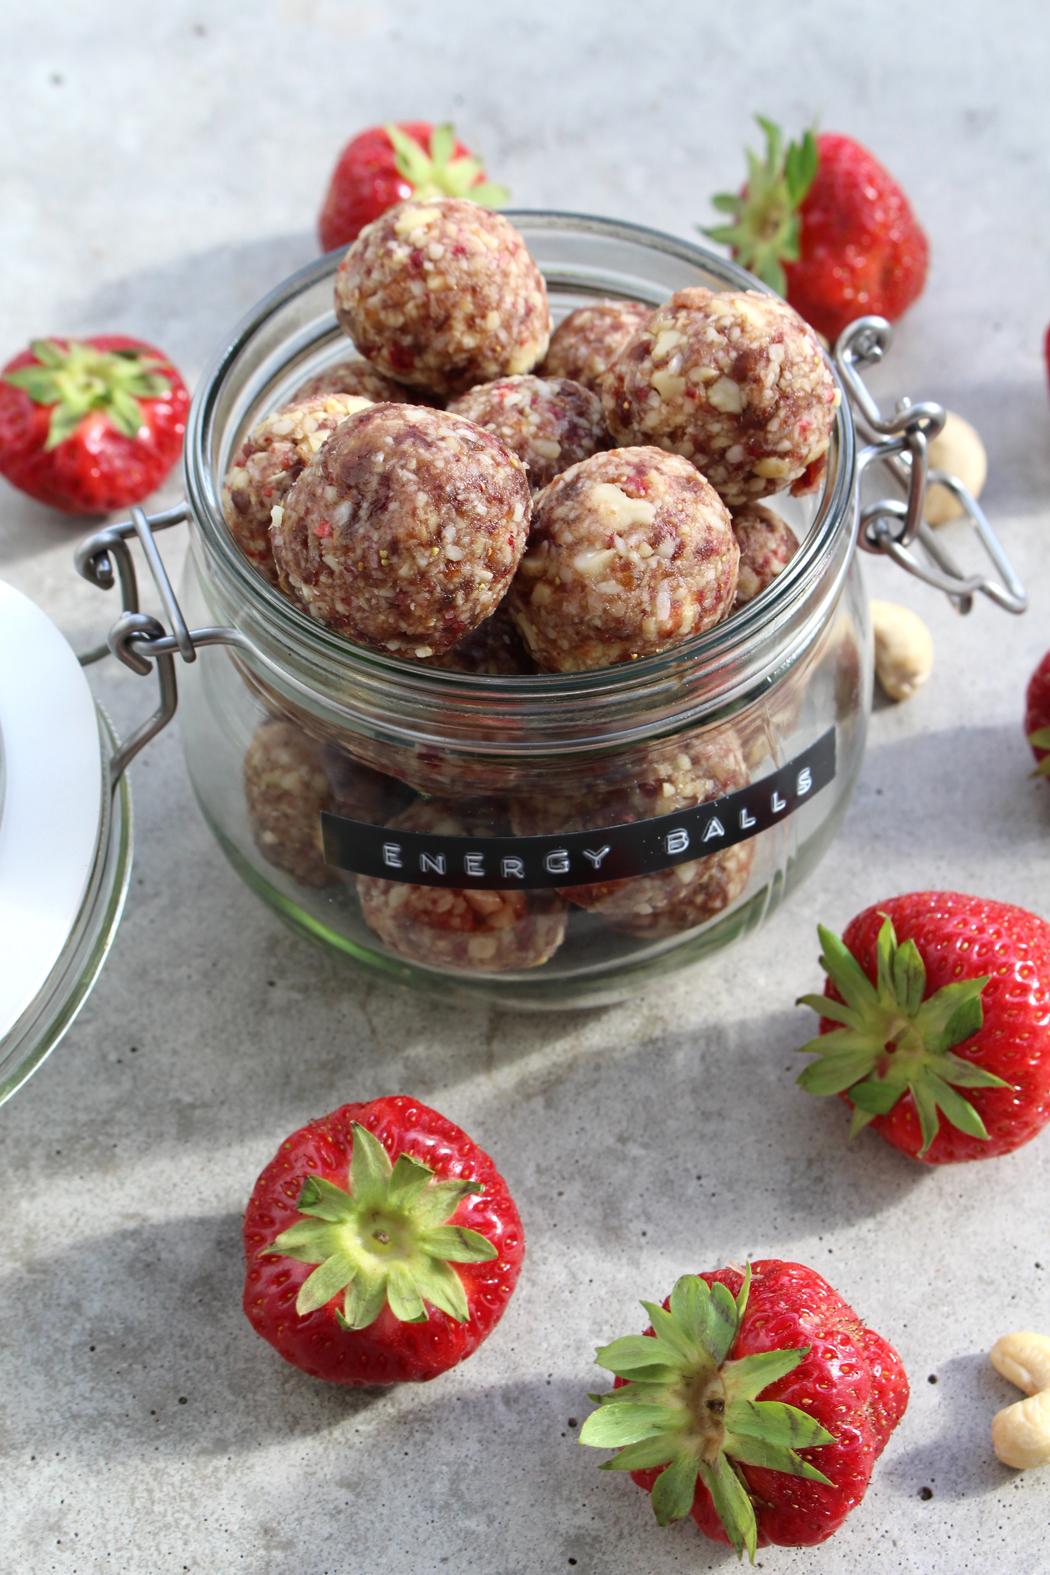 Erdbeer Cashew Energy Balls04